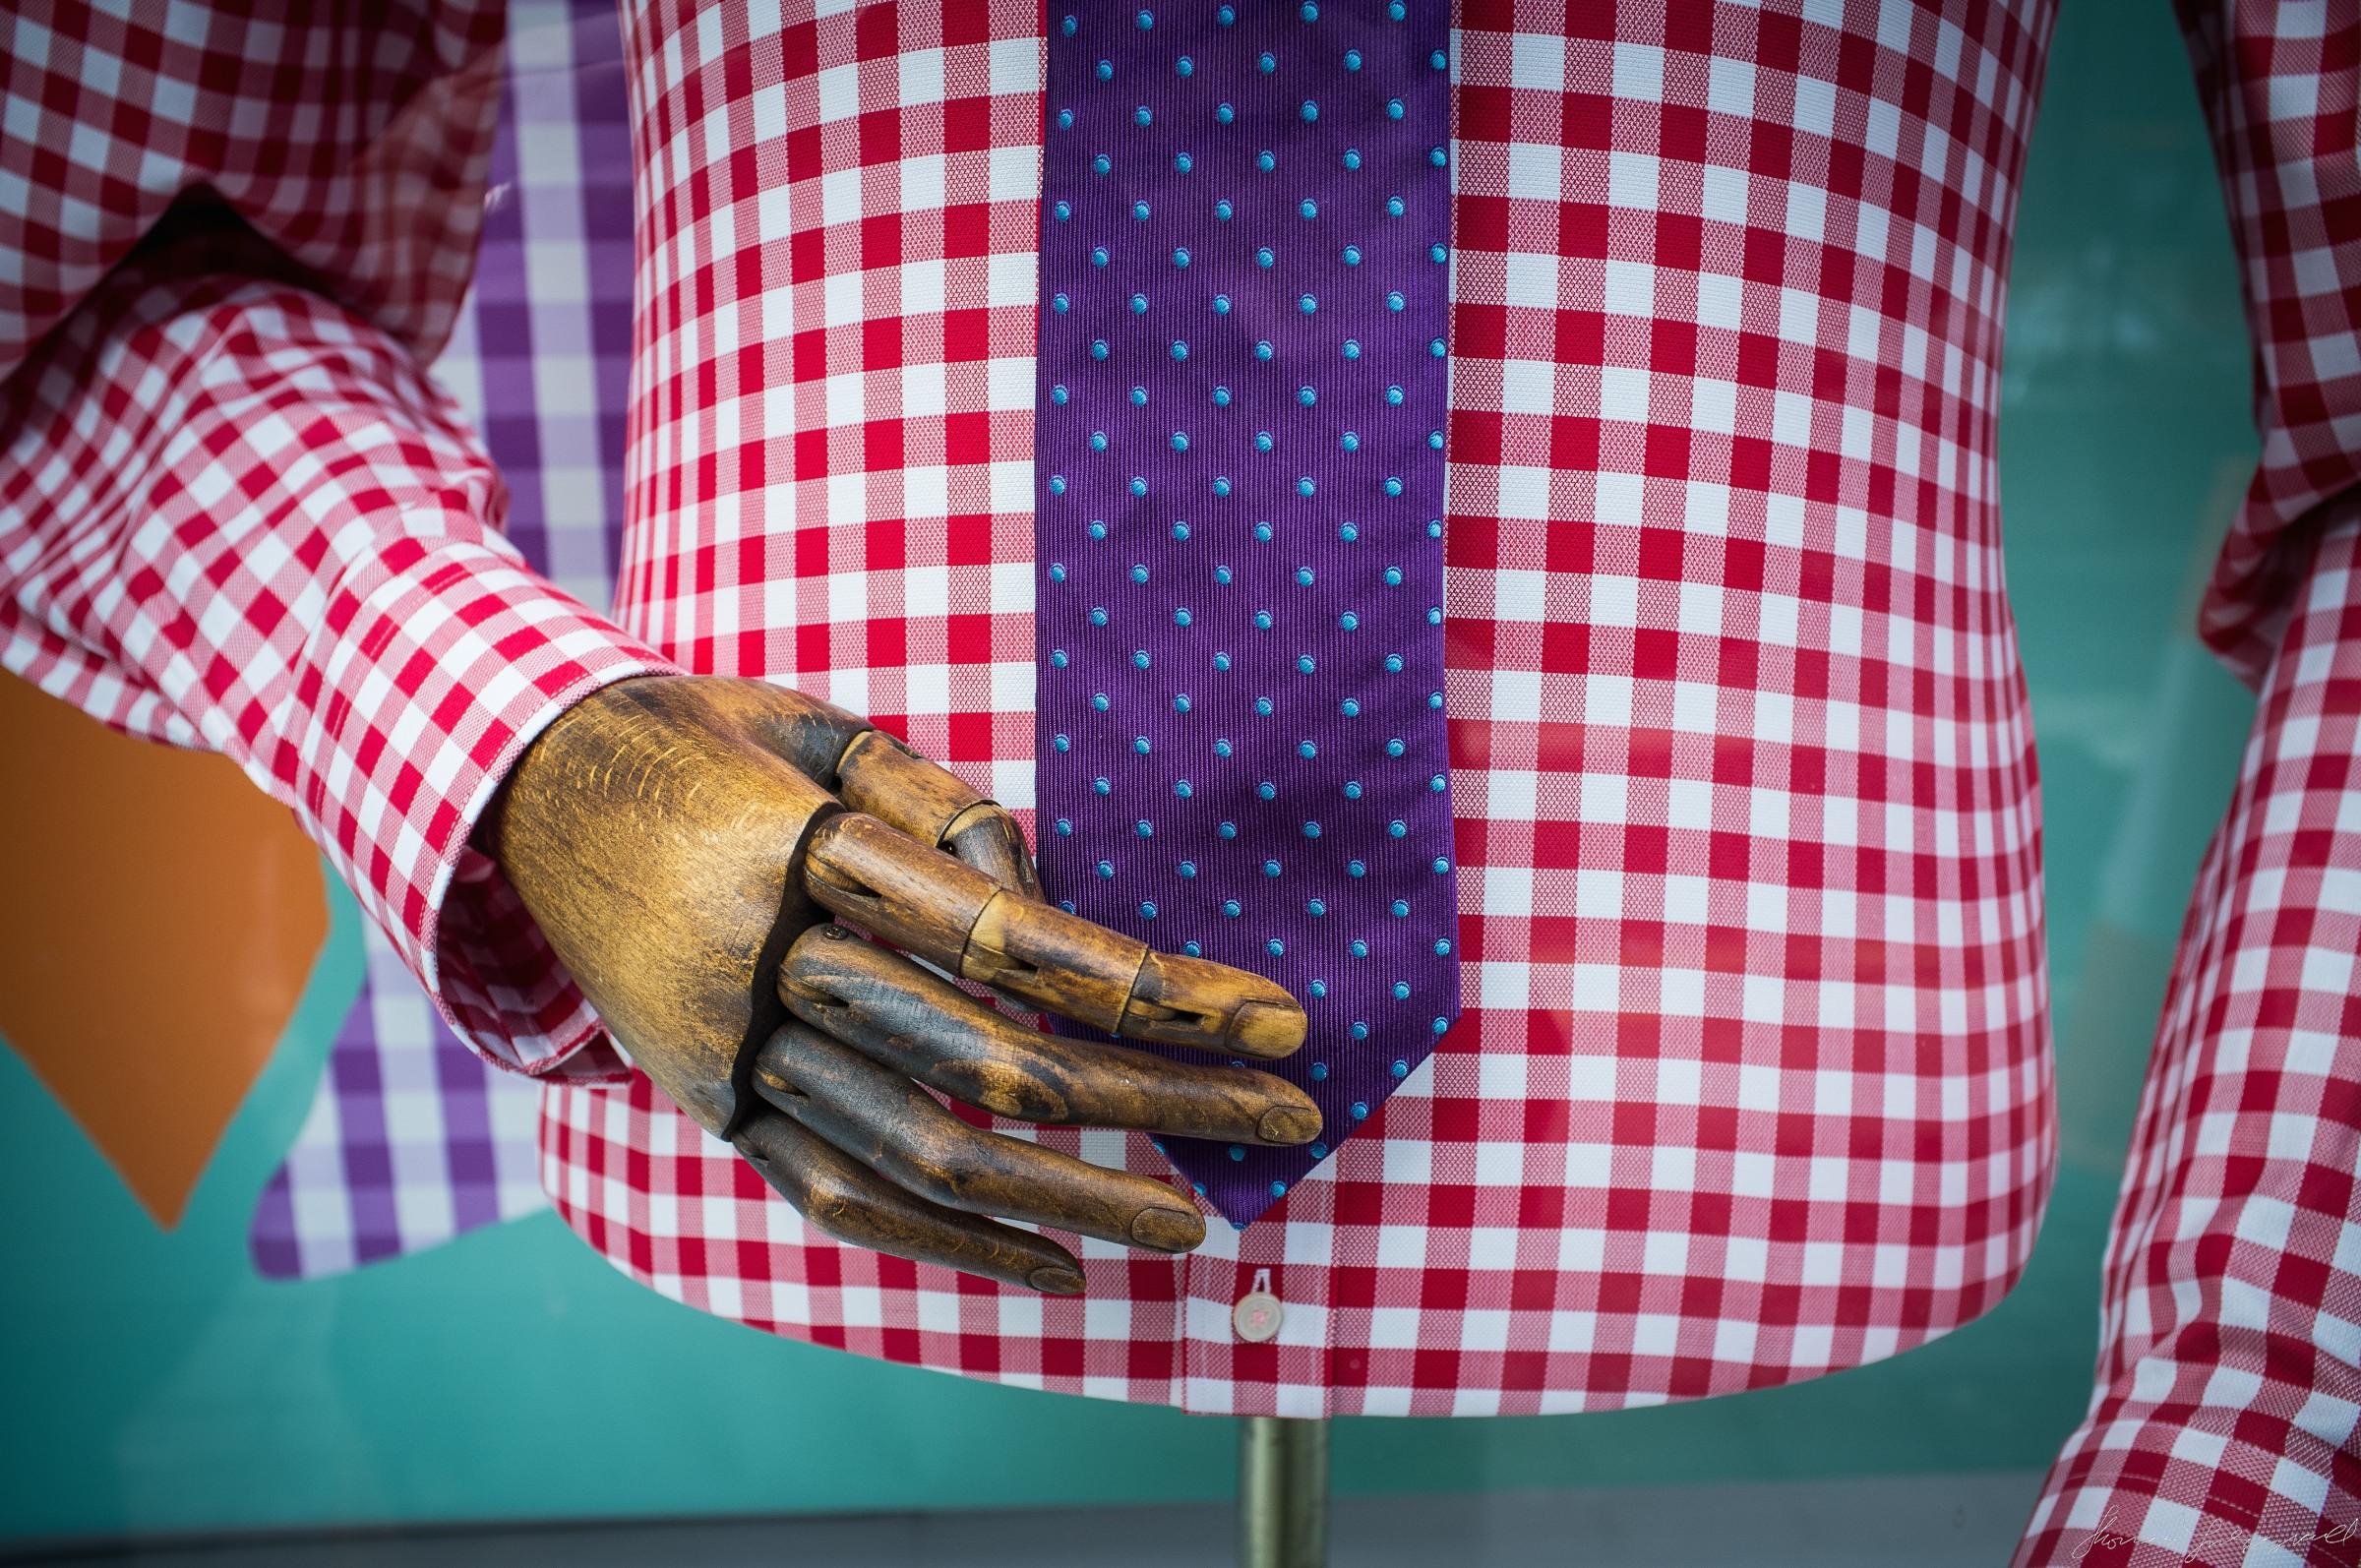 mannequin-fixes-tie